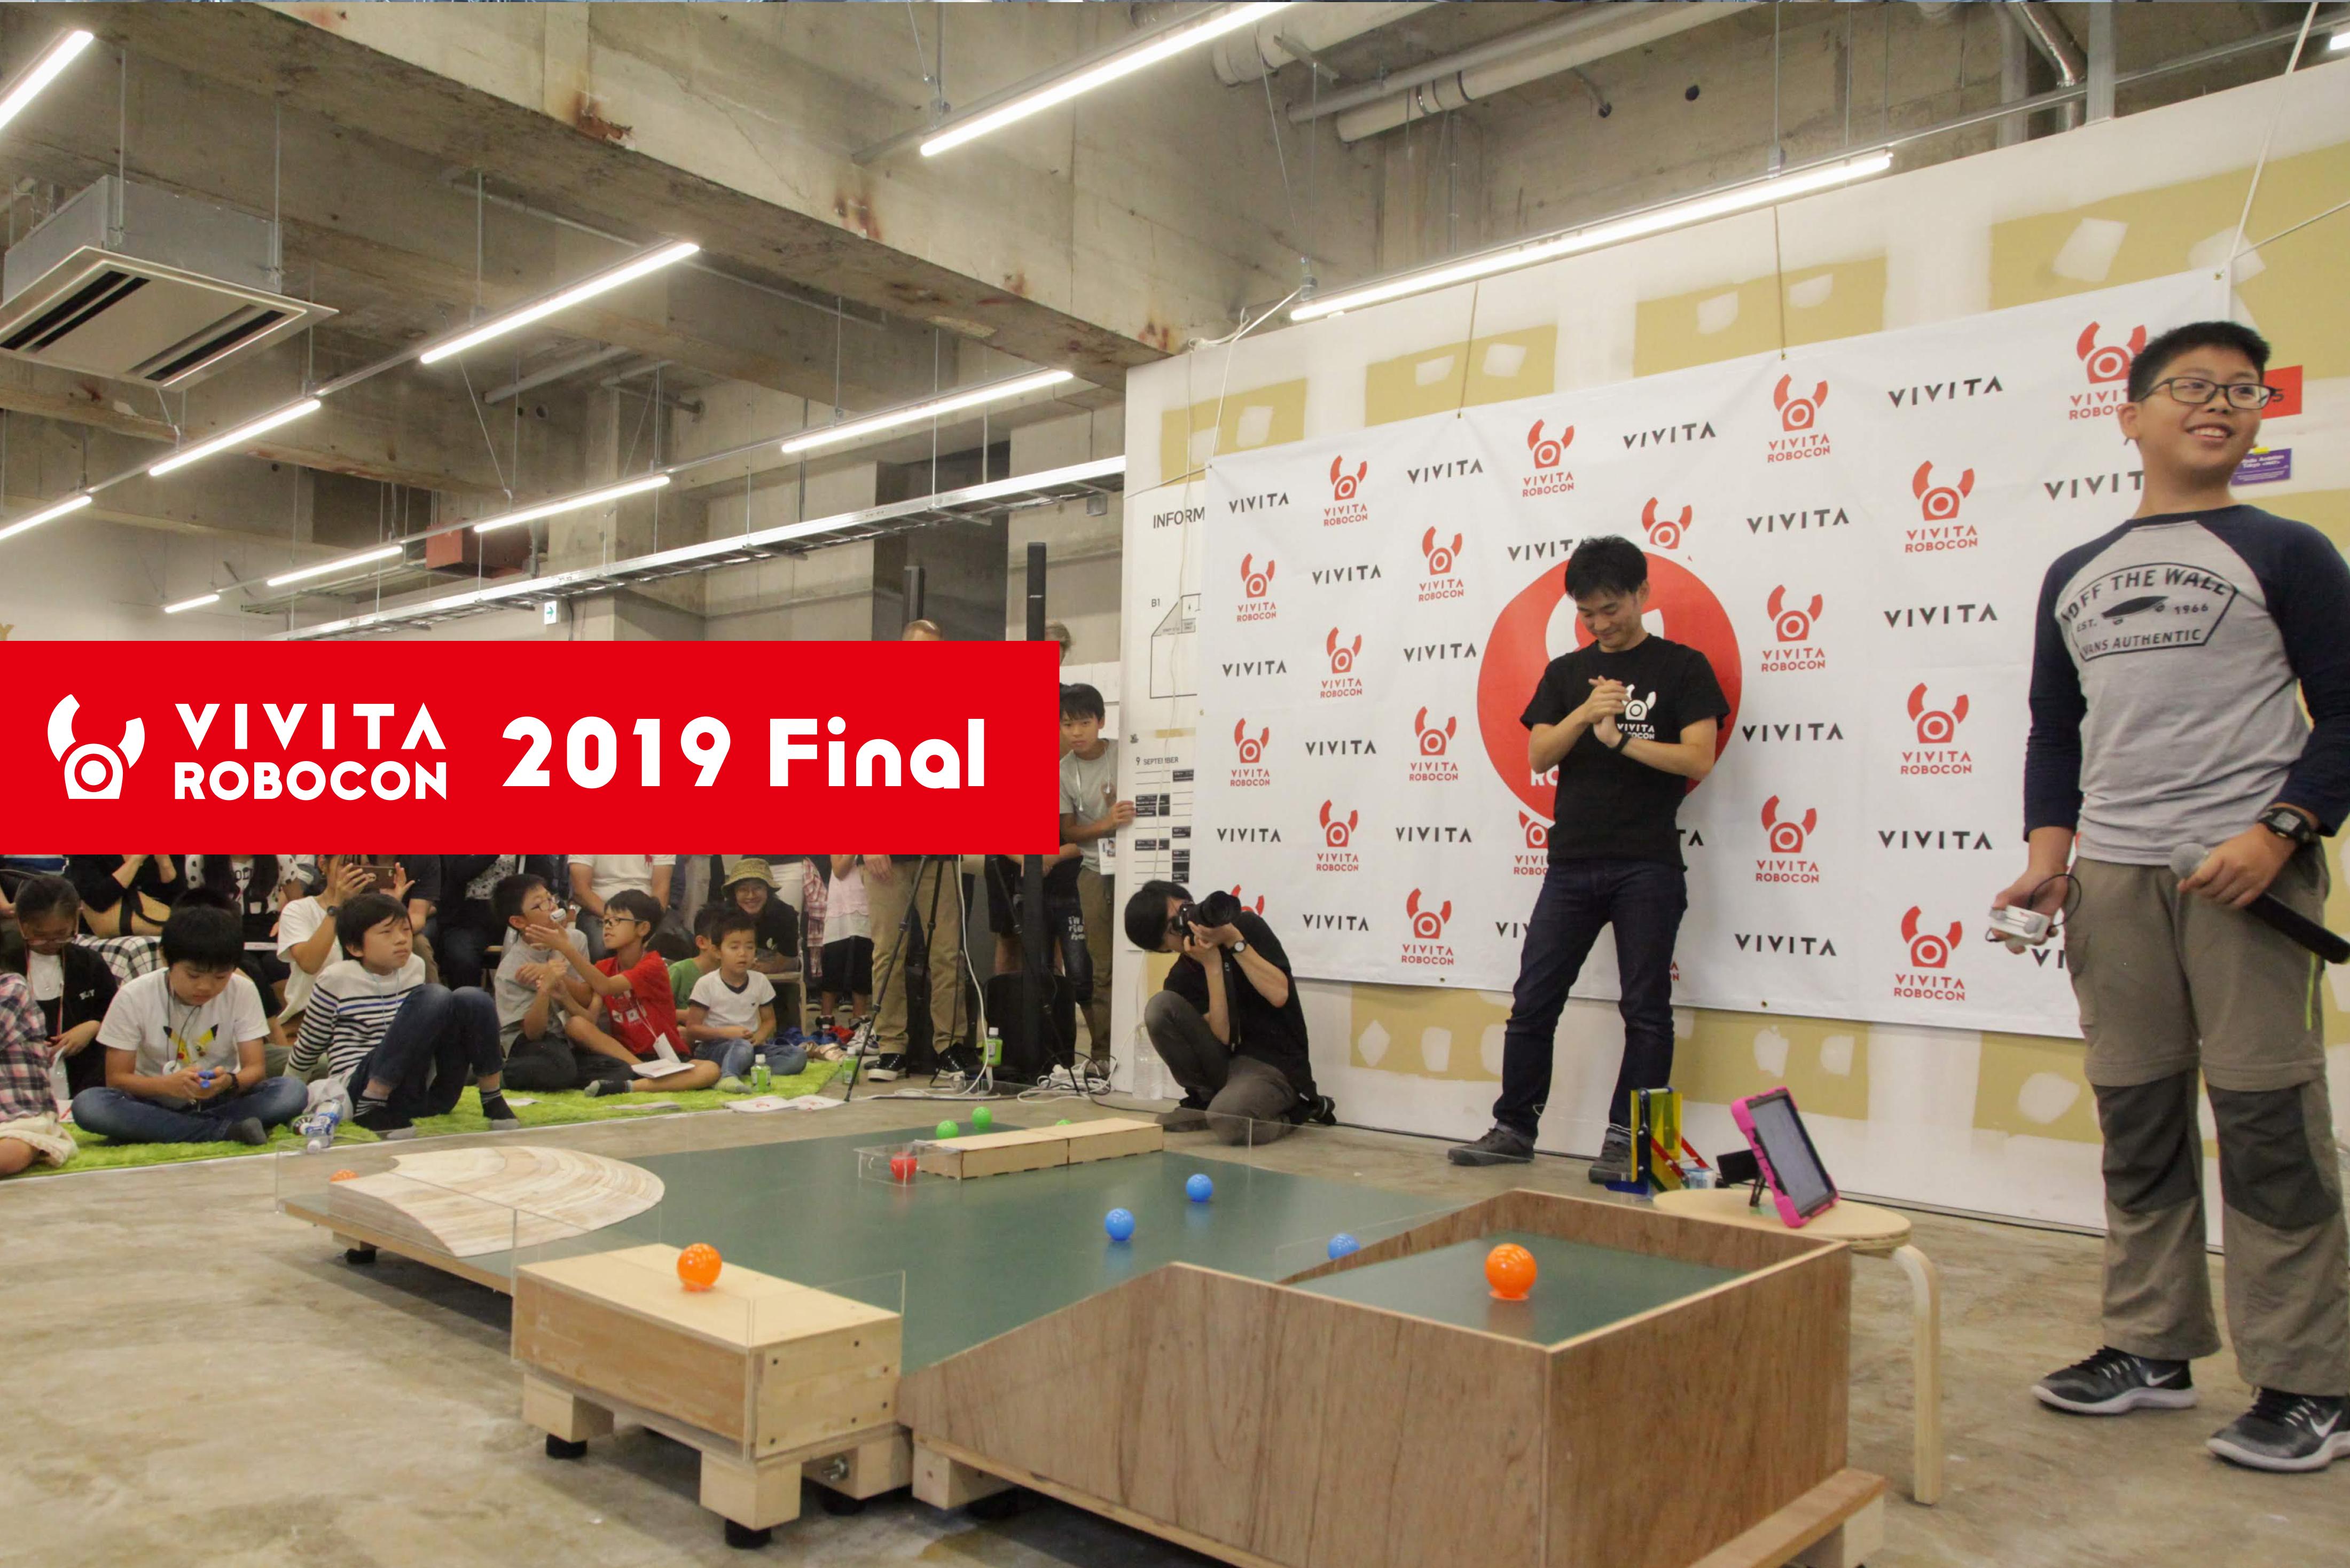 VIVITA ROBOCON 2019 Final